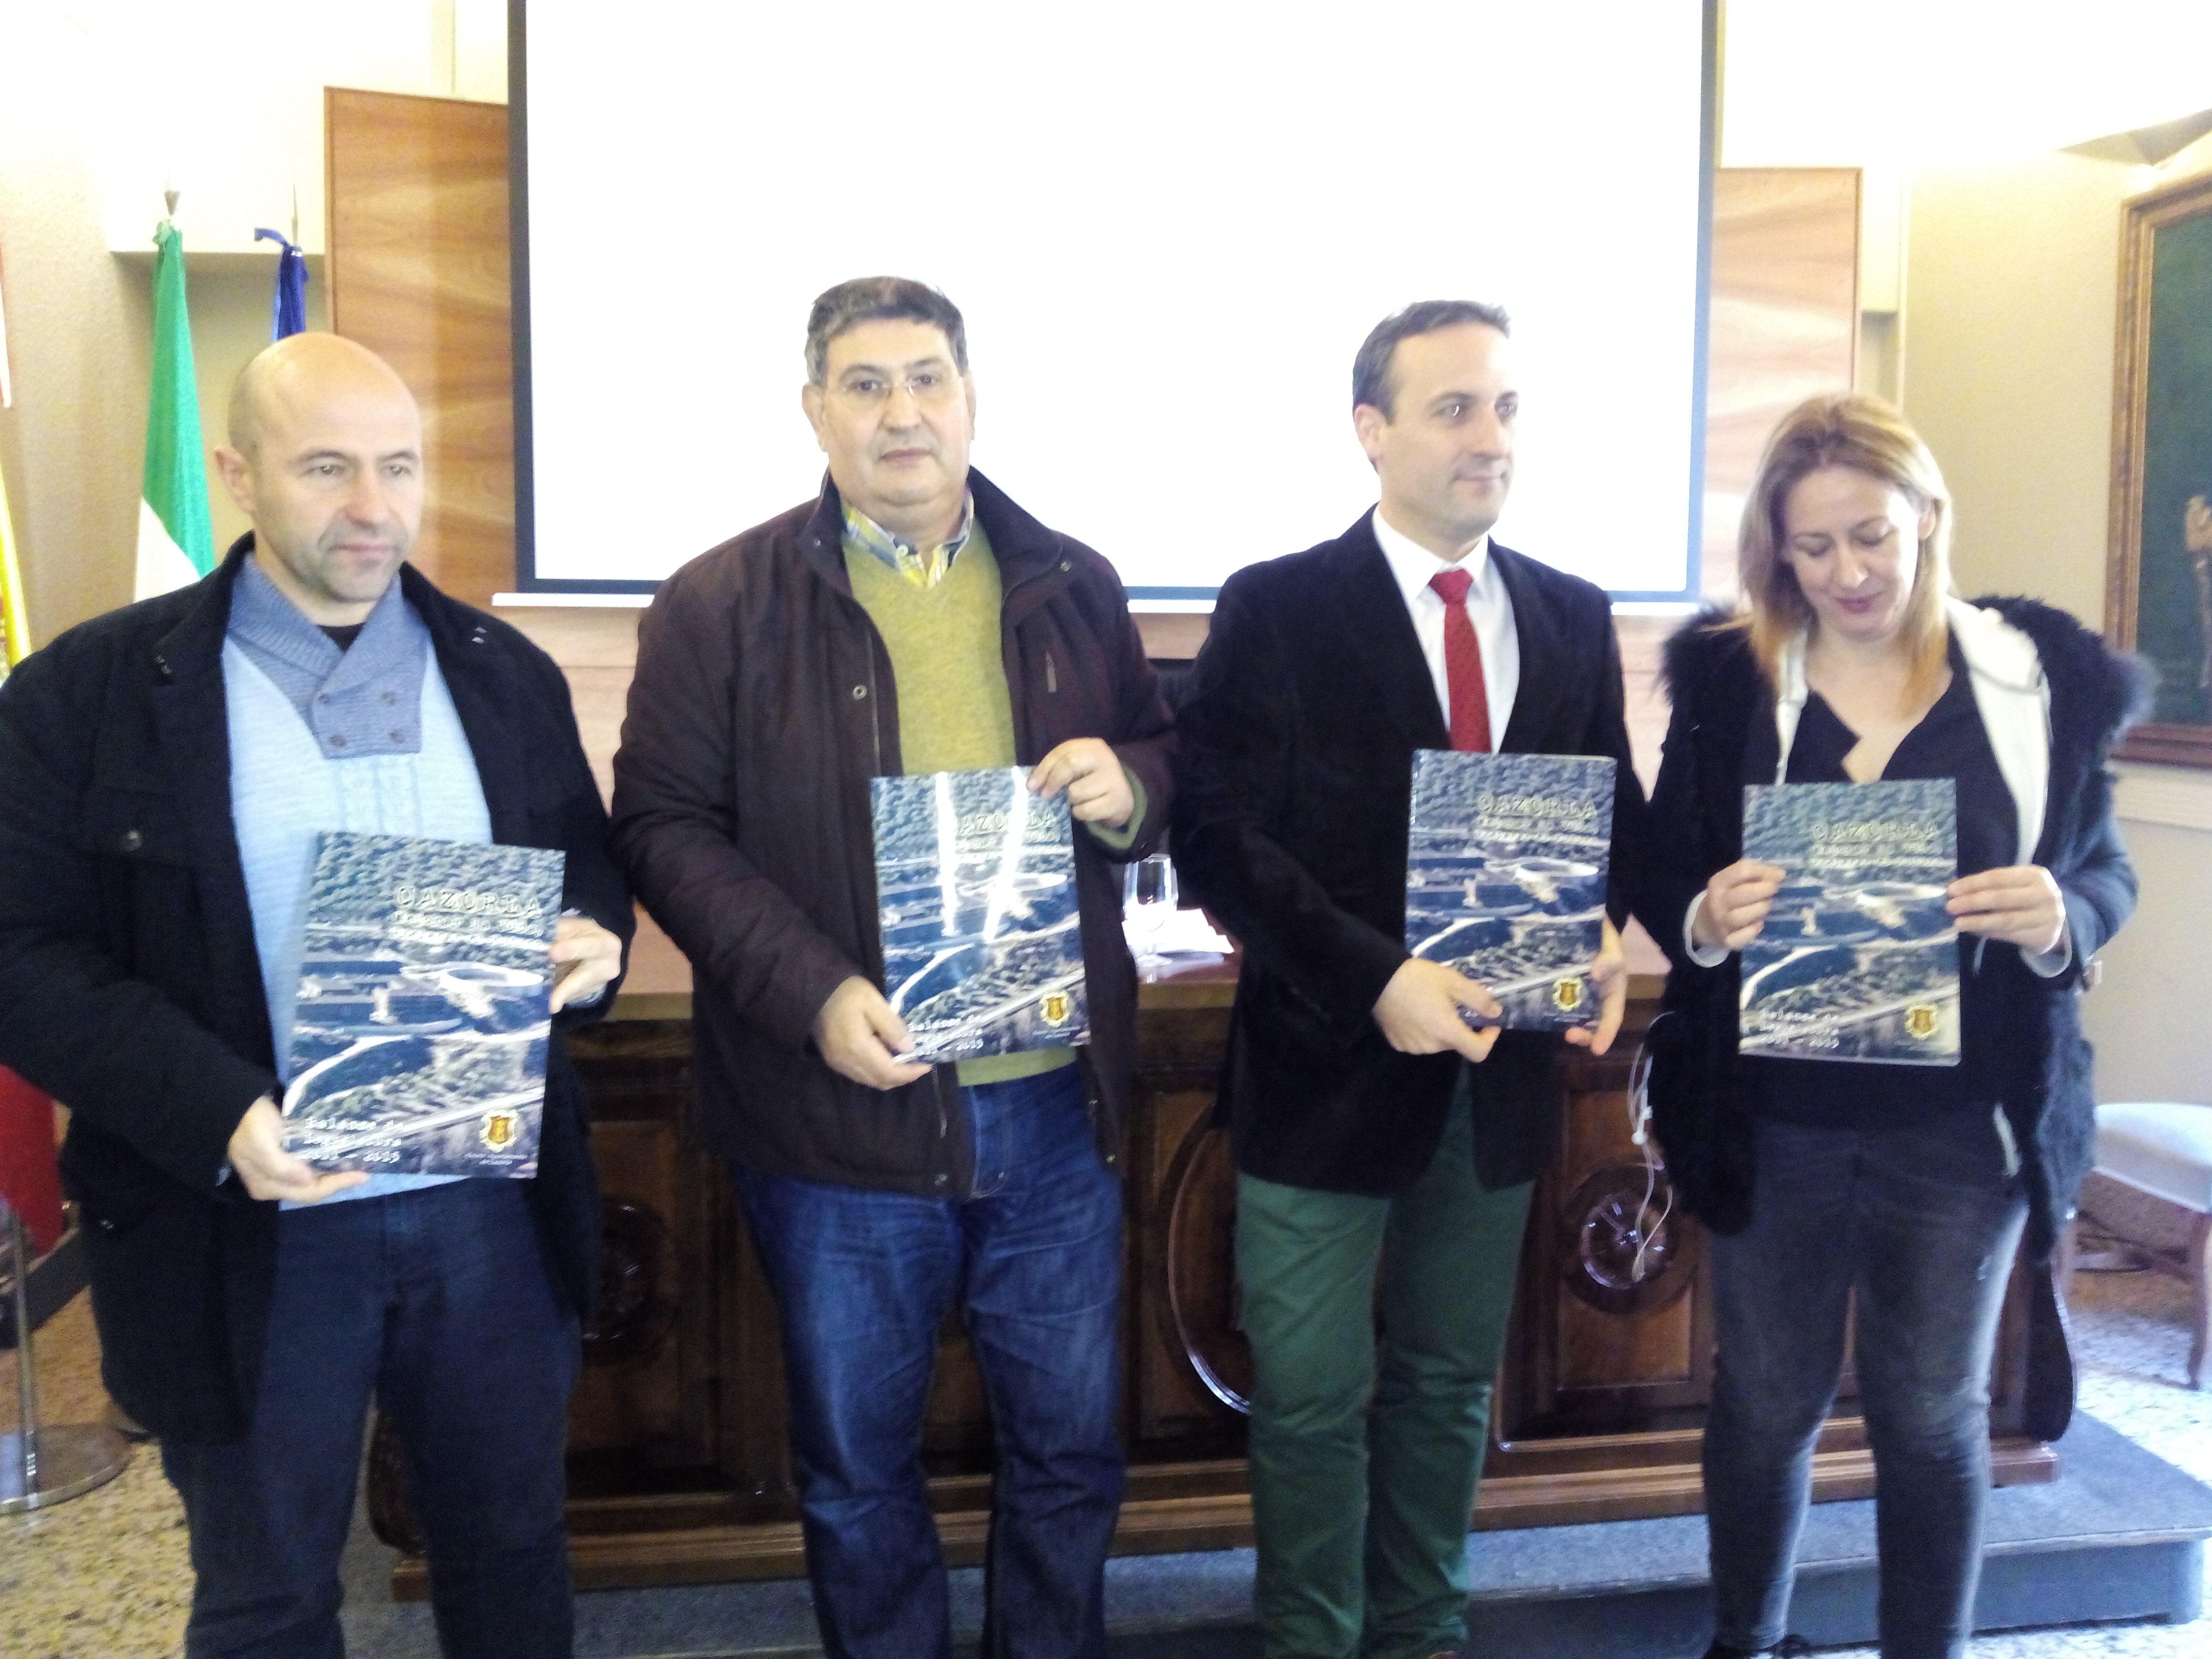 De izquierda a derecha, Jose Luis Olivares, Jose Luis Díaz, Antonio José Rodríguez y Rosalia Lorite en la presentación del balance de gestión